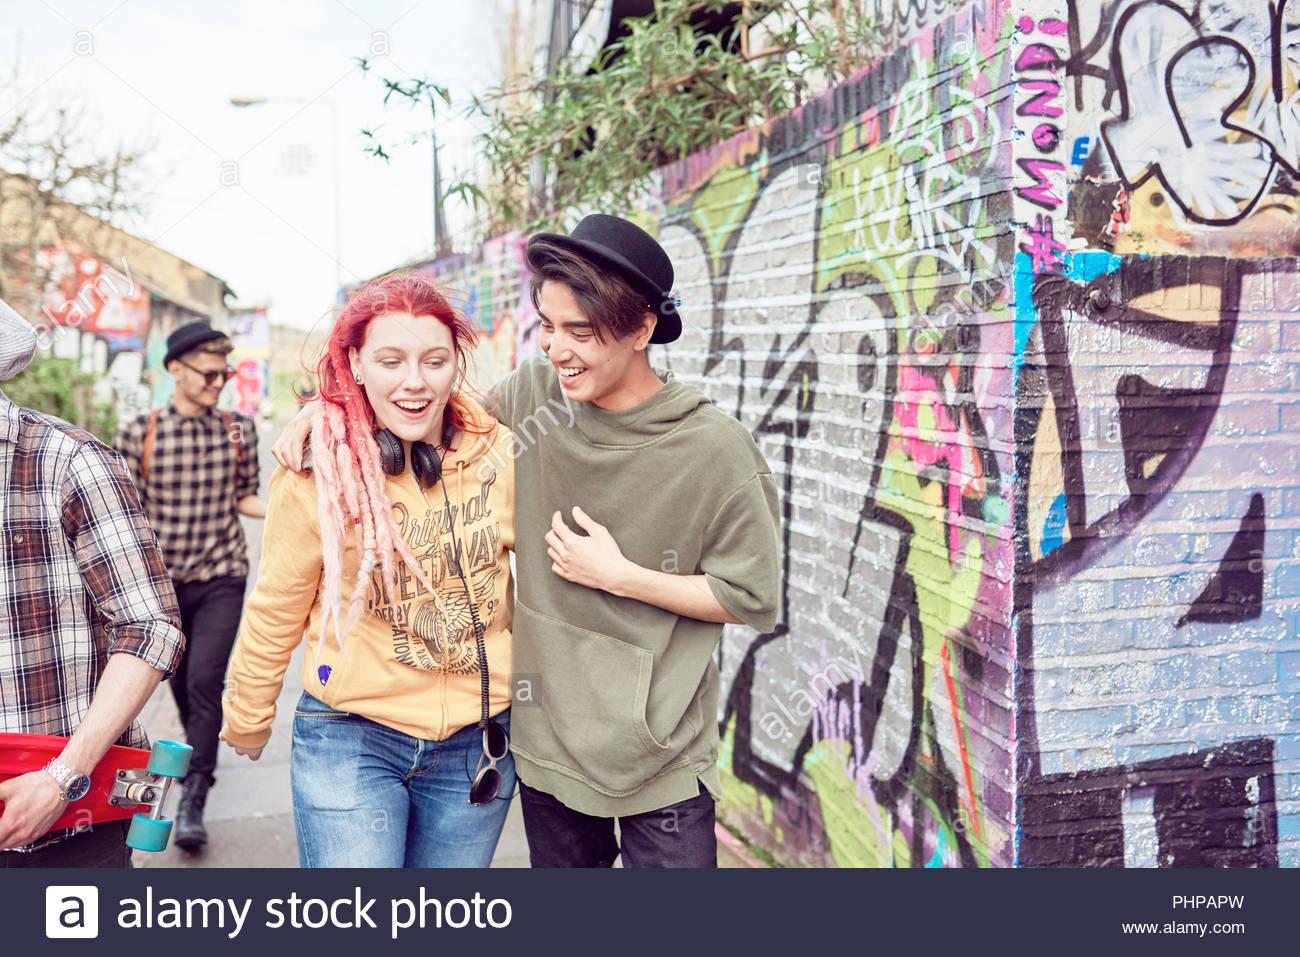 La pareja de adolescentes caminando por la calle juntos Imagen De Stock